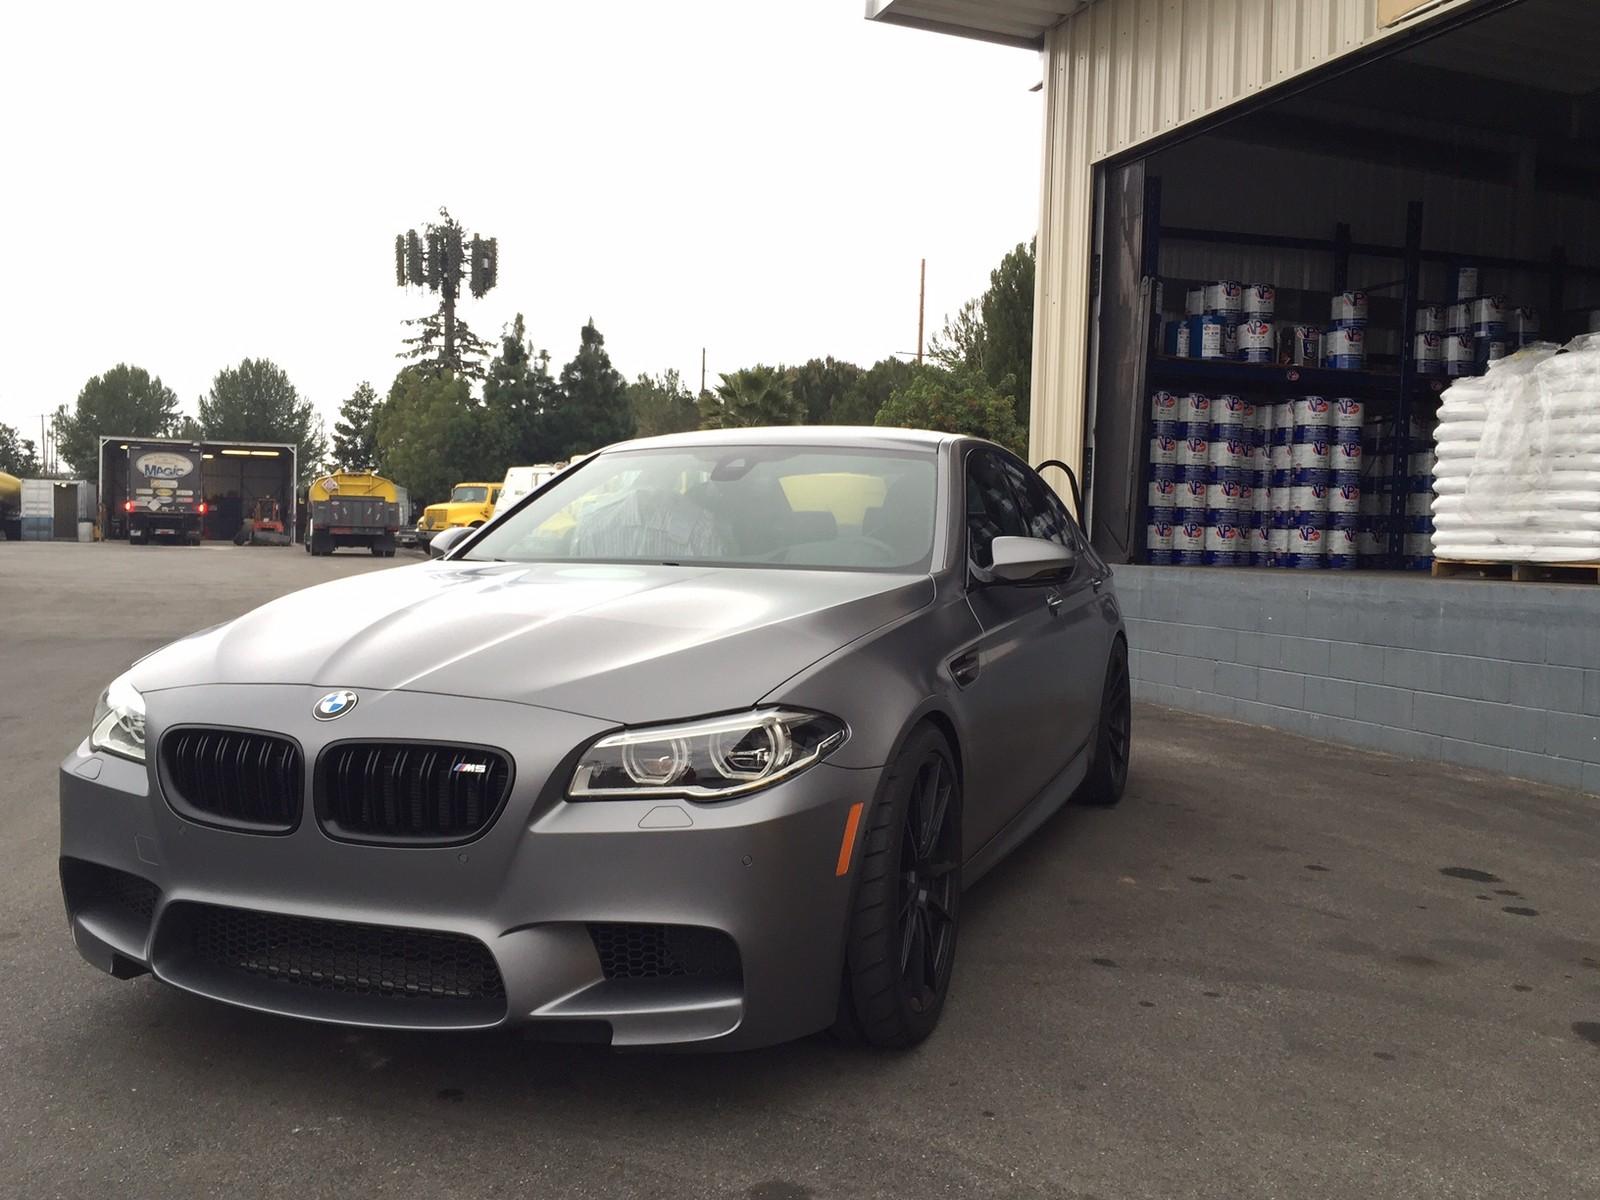 World's Fastest BMW M5